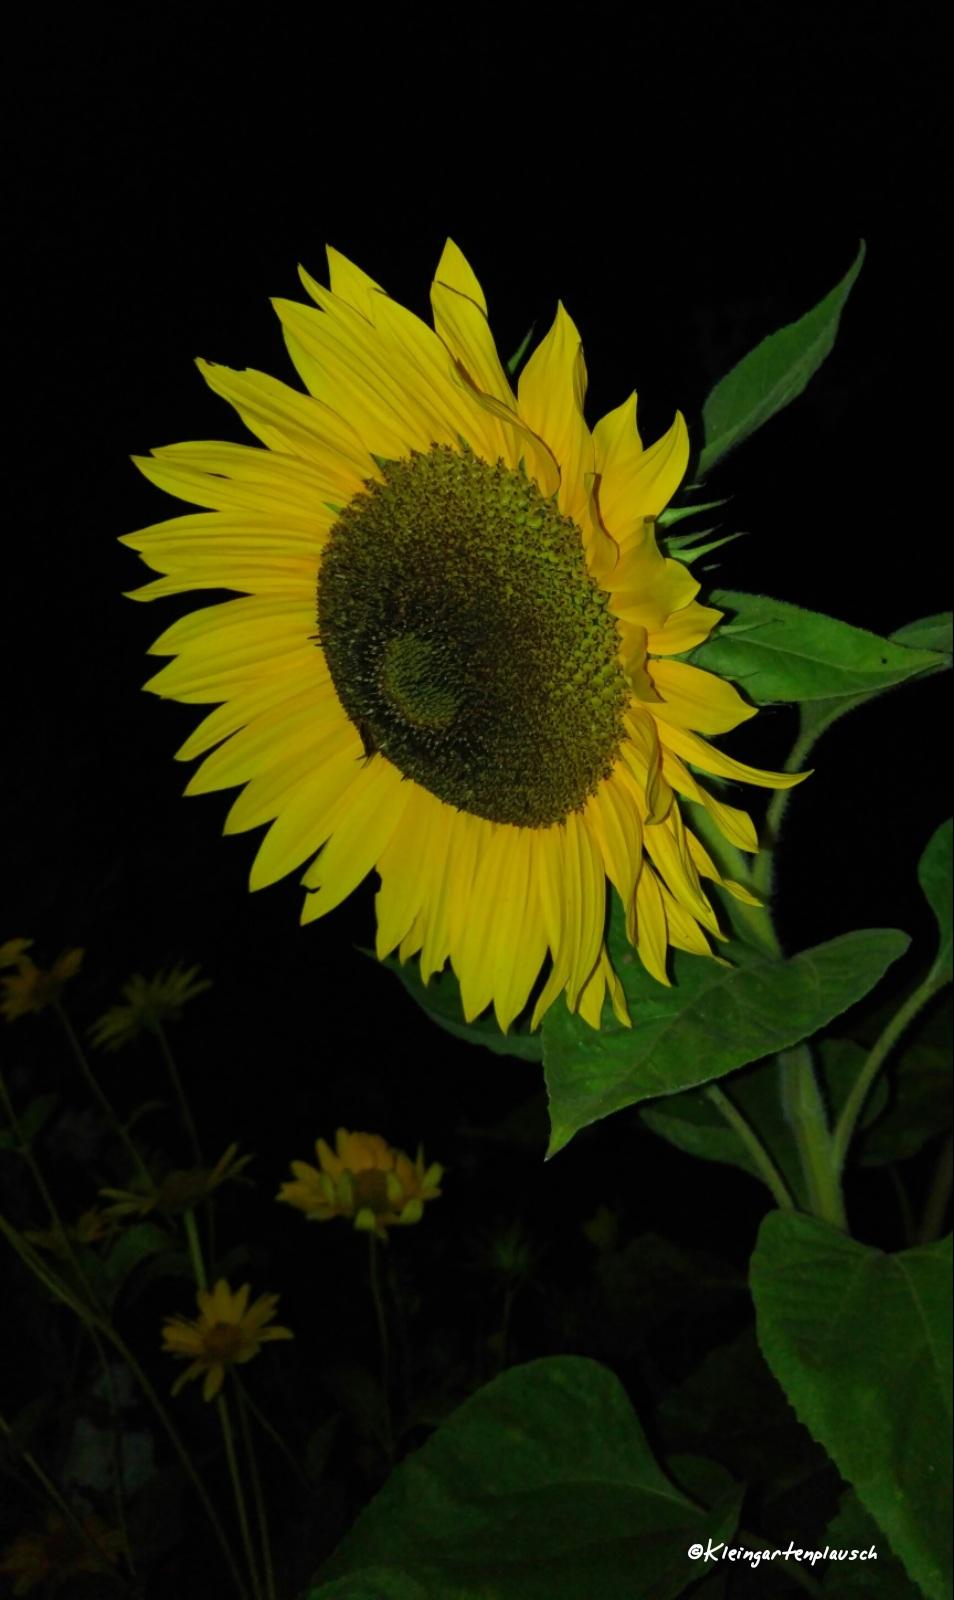 Die Sonnenblumen kommen - wie einige andere Pflanzen - von unserem Gemüsehändler auf dem Wochenmarkt.